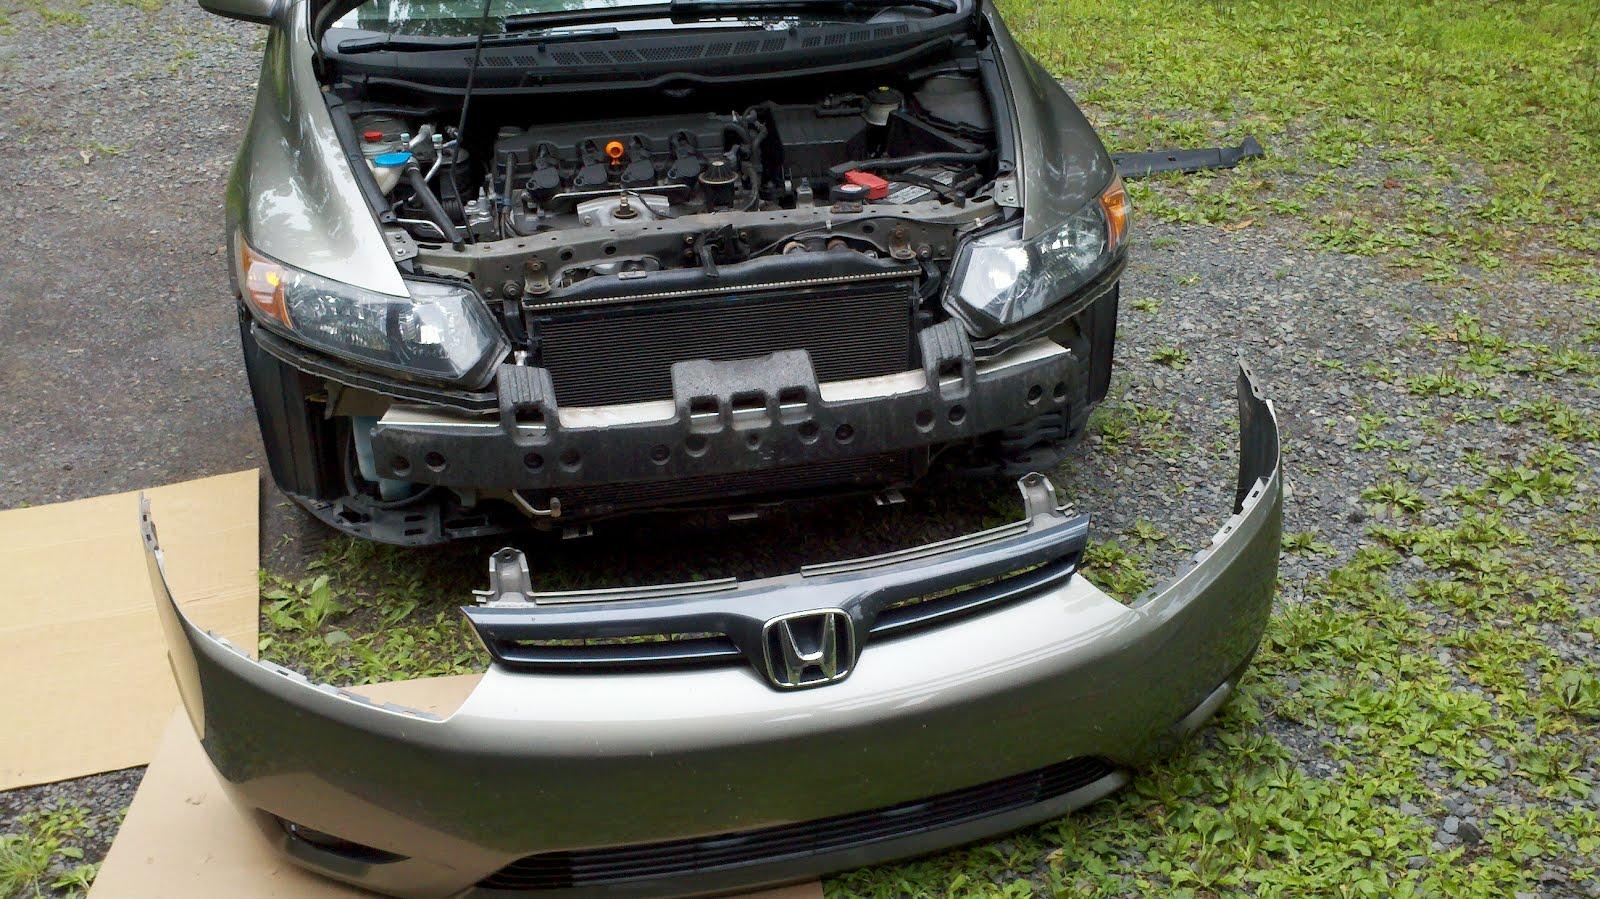 2006 Honda Civic Fog Light Install | CF Customs